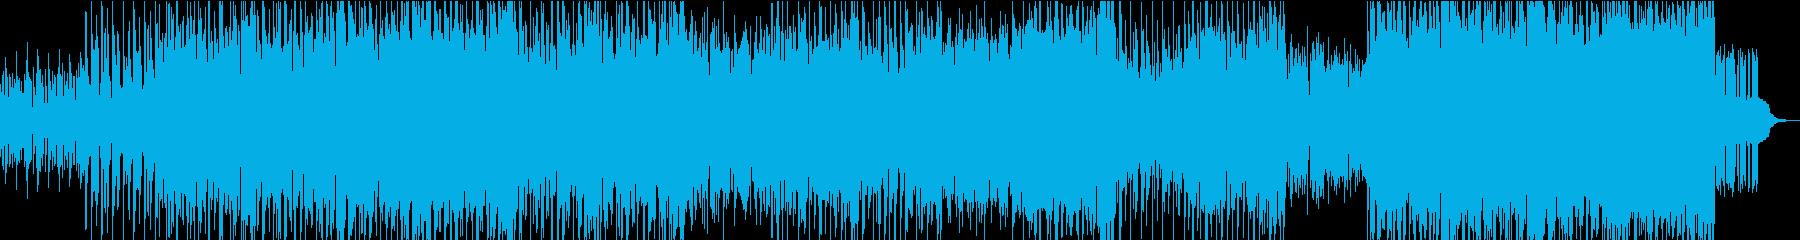 ハードエッジのビッグビートトラックの再生済みの波形